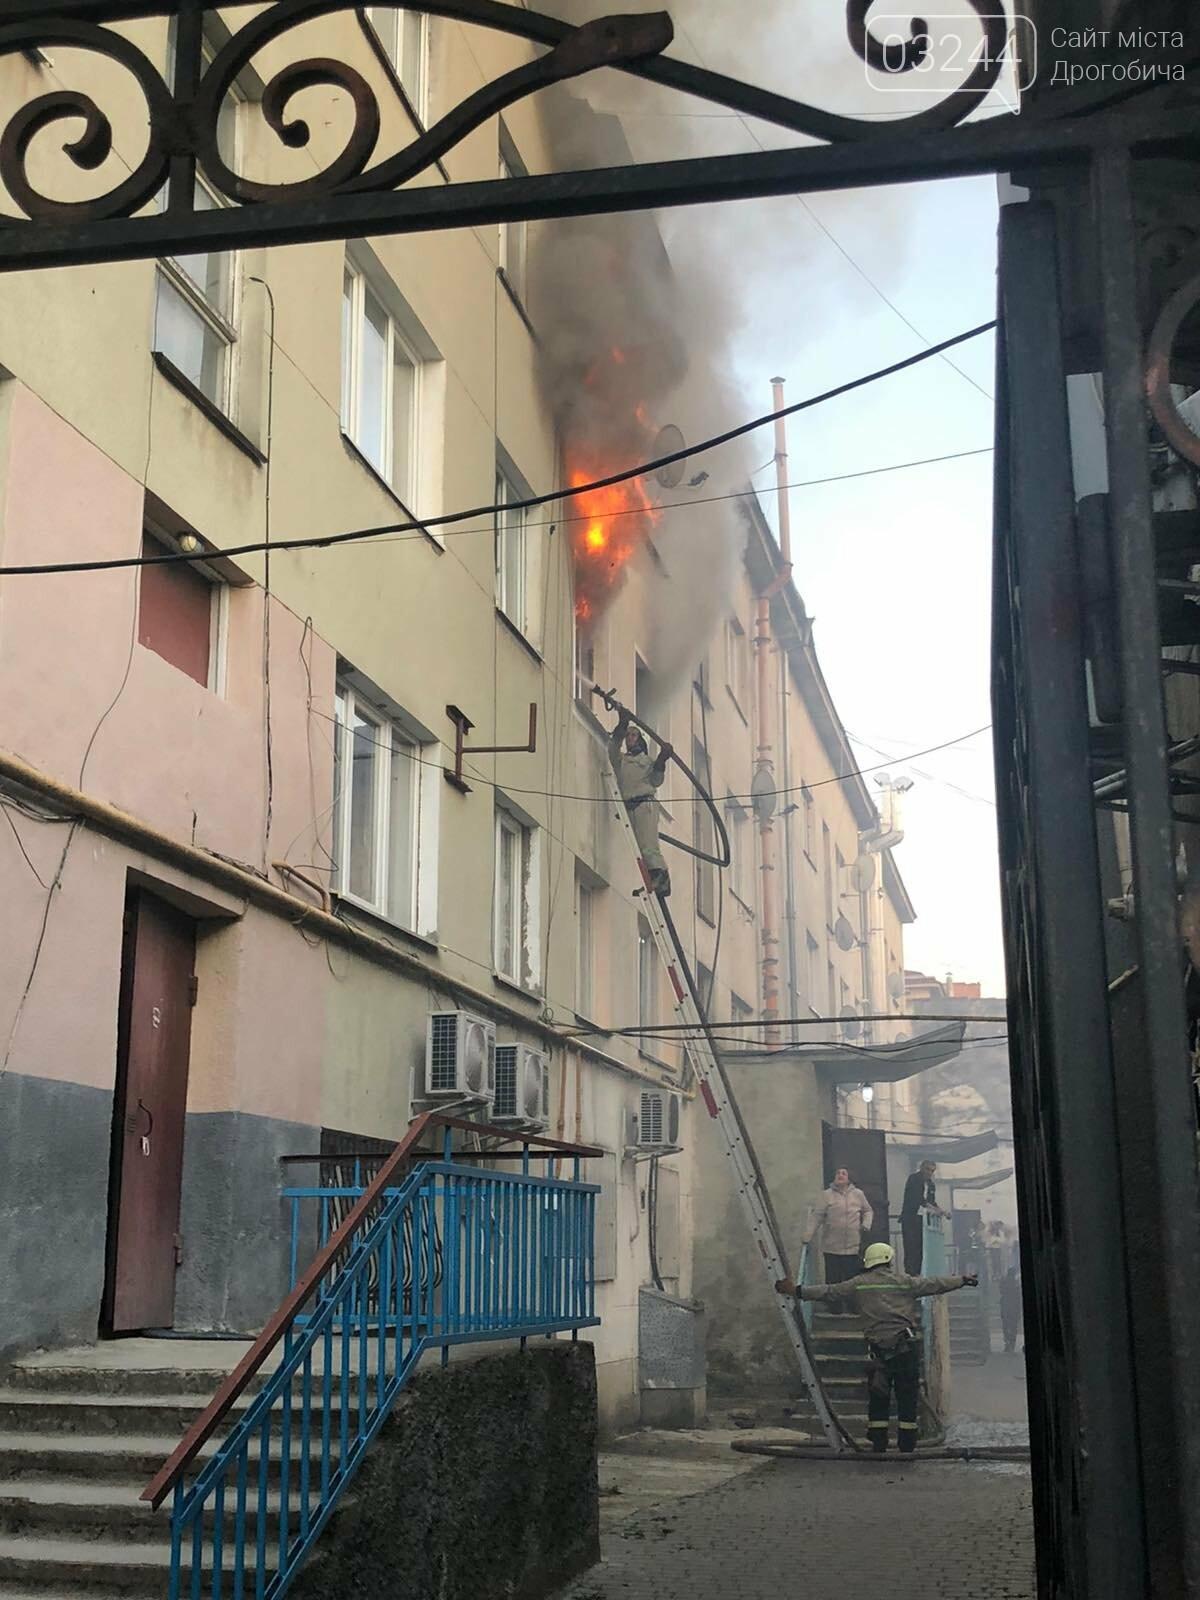 Пожежа на Площі Ринок у Дрогобичі - ДОПОВНЕНО, фото-1